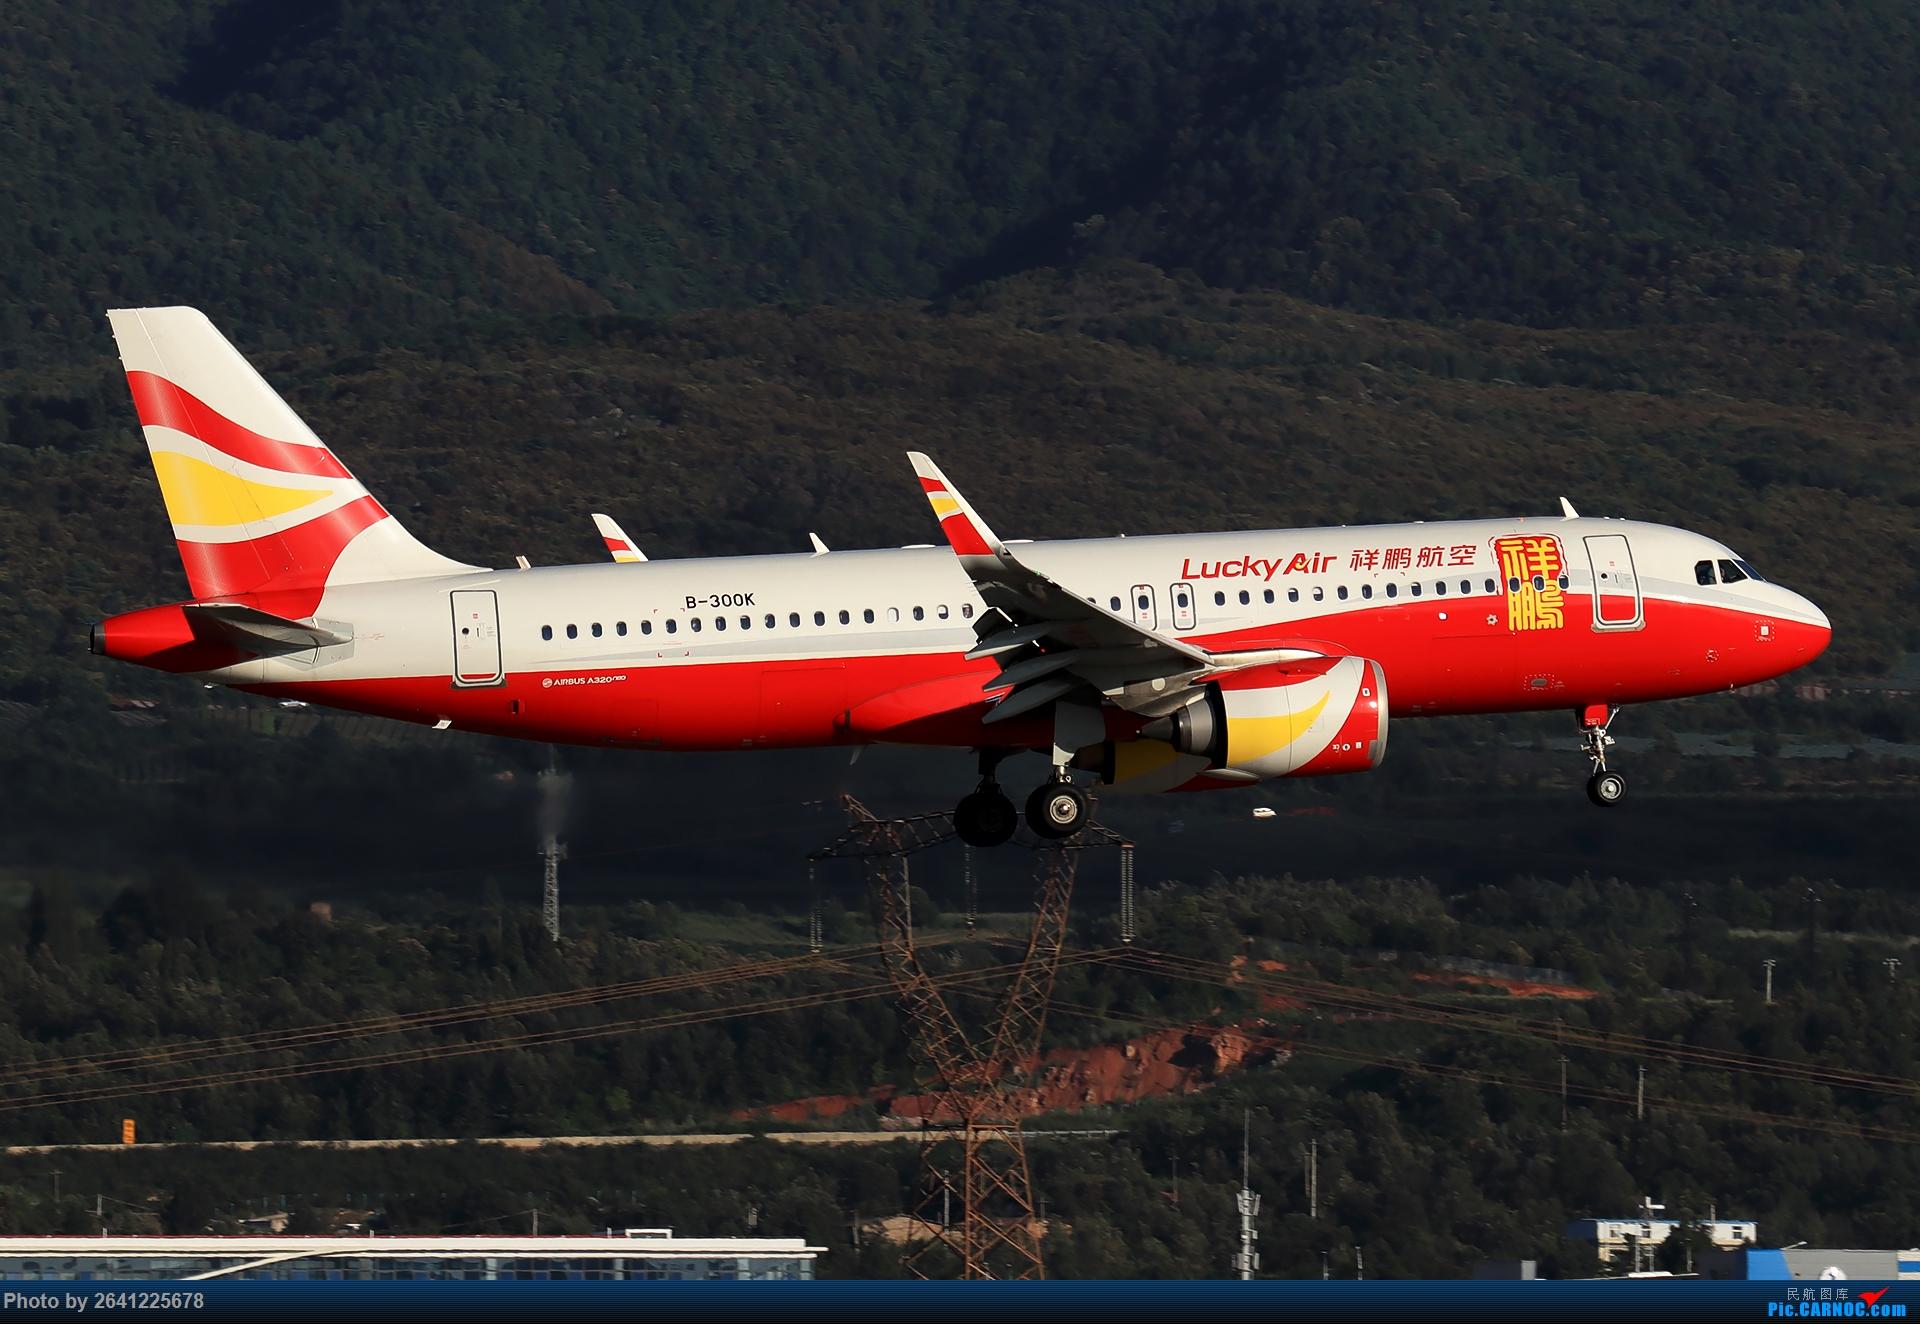 Re:[原创]【KMG】又见长水(1) AIRBUS A320NEO B-300K 中国昆明长水国际机场